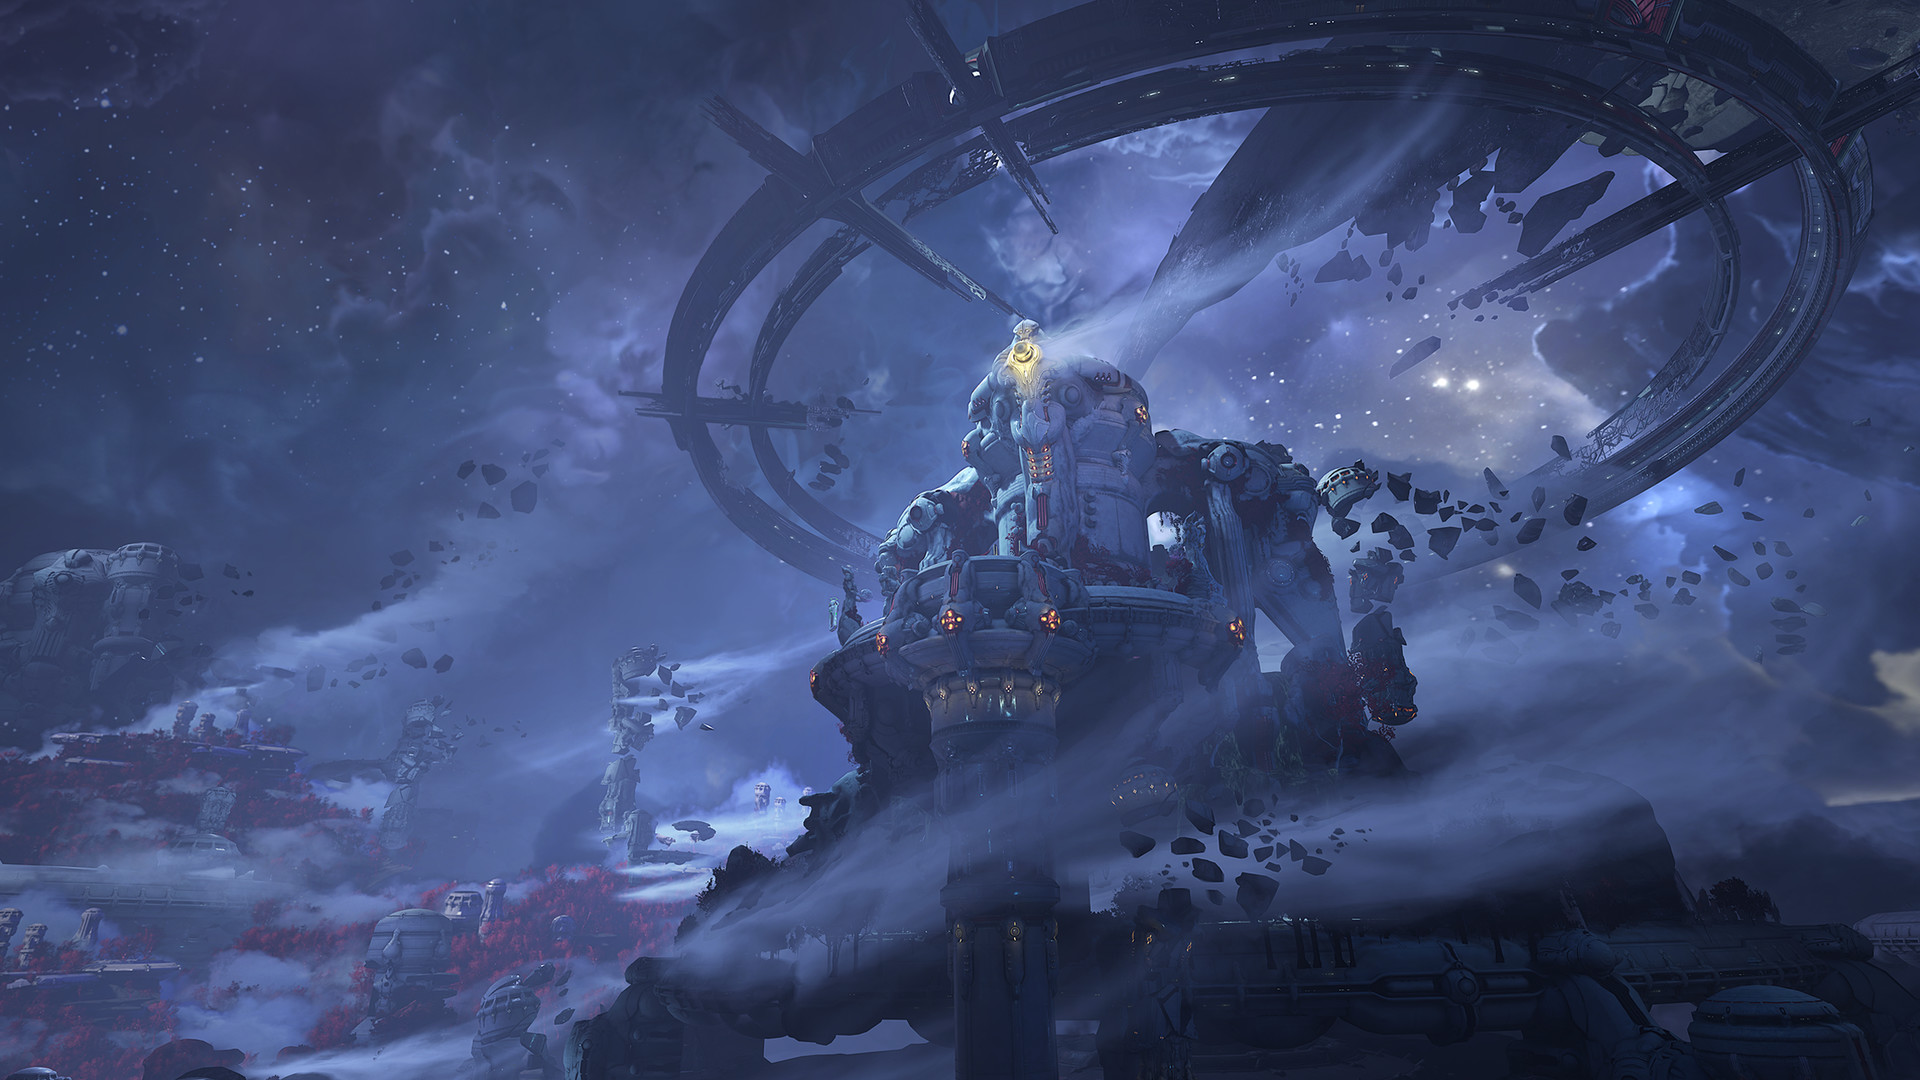 毁灭战士永恒:上古之神第一章图片